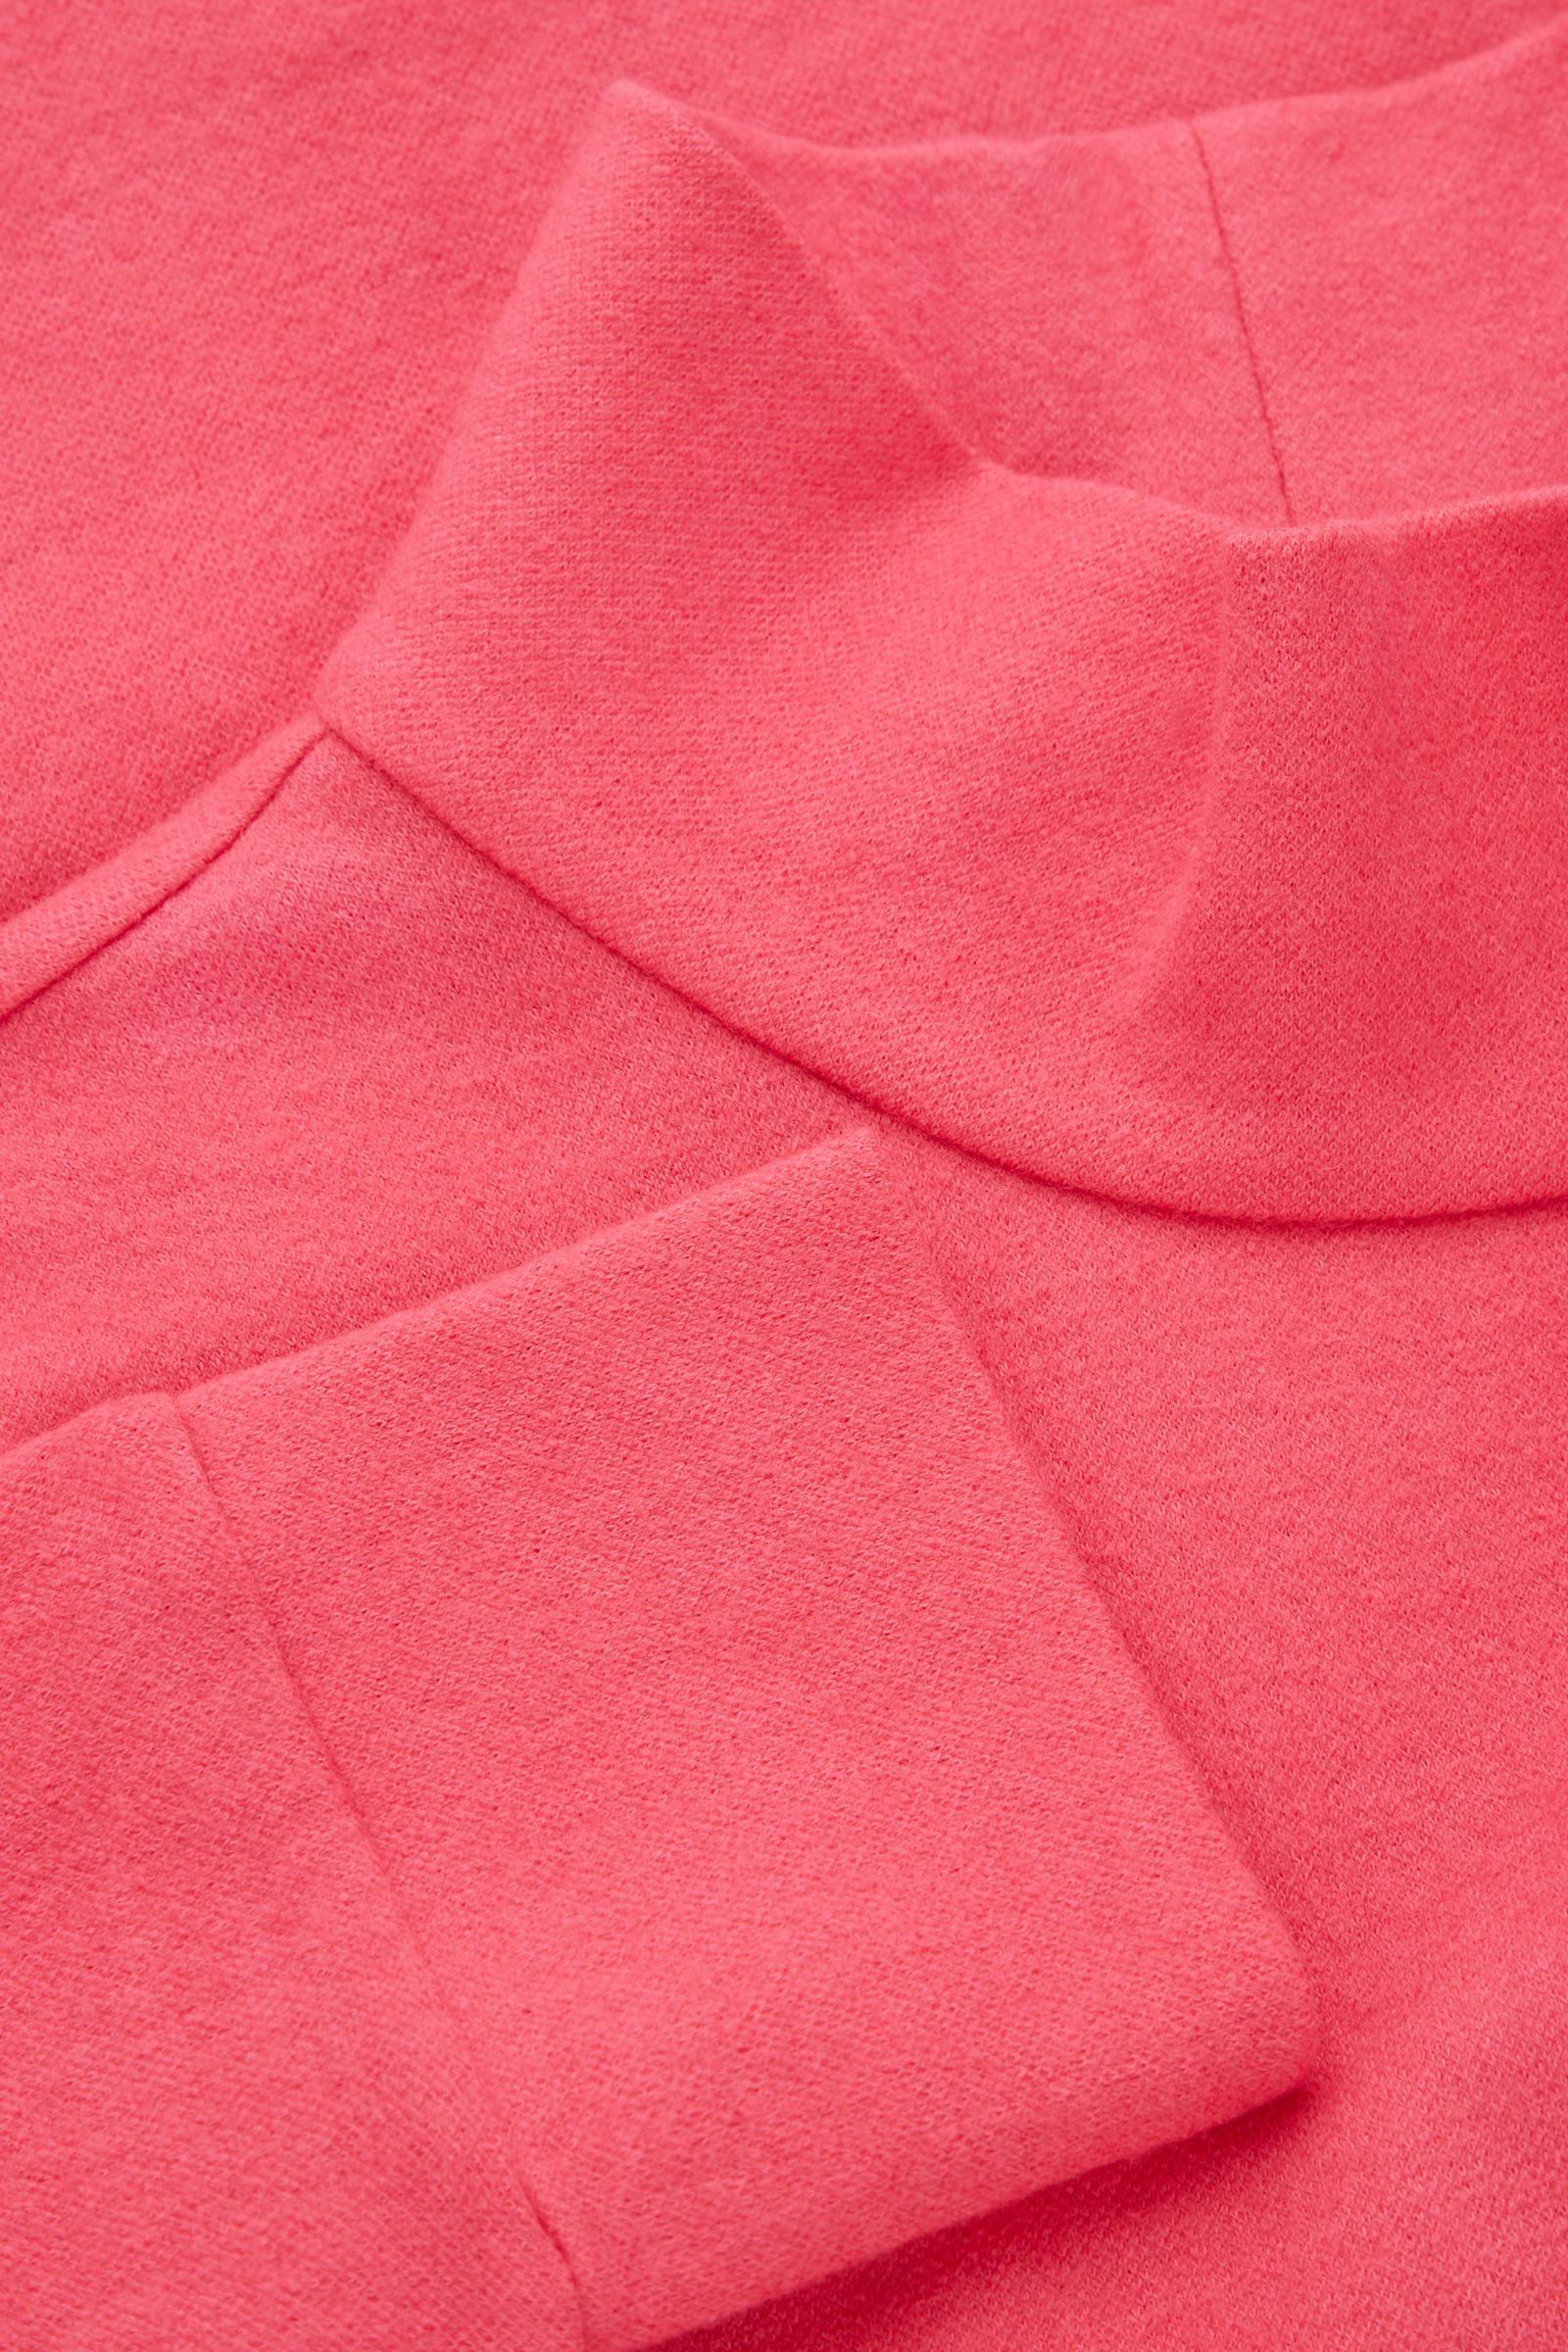 COS 메리노 울 오가닉 코튼 믹스 롤넥 스트럭처드 스웨터의 핑크컬러 Detail입니다.